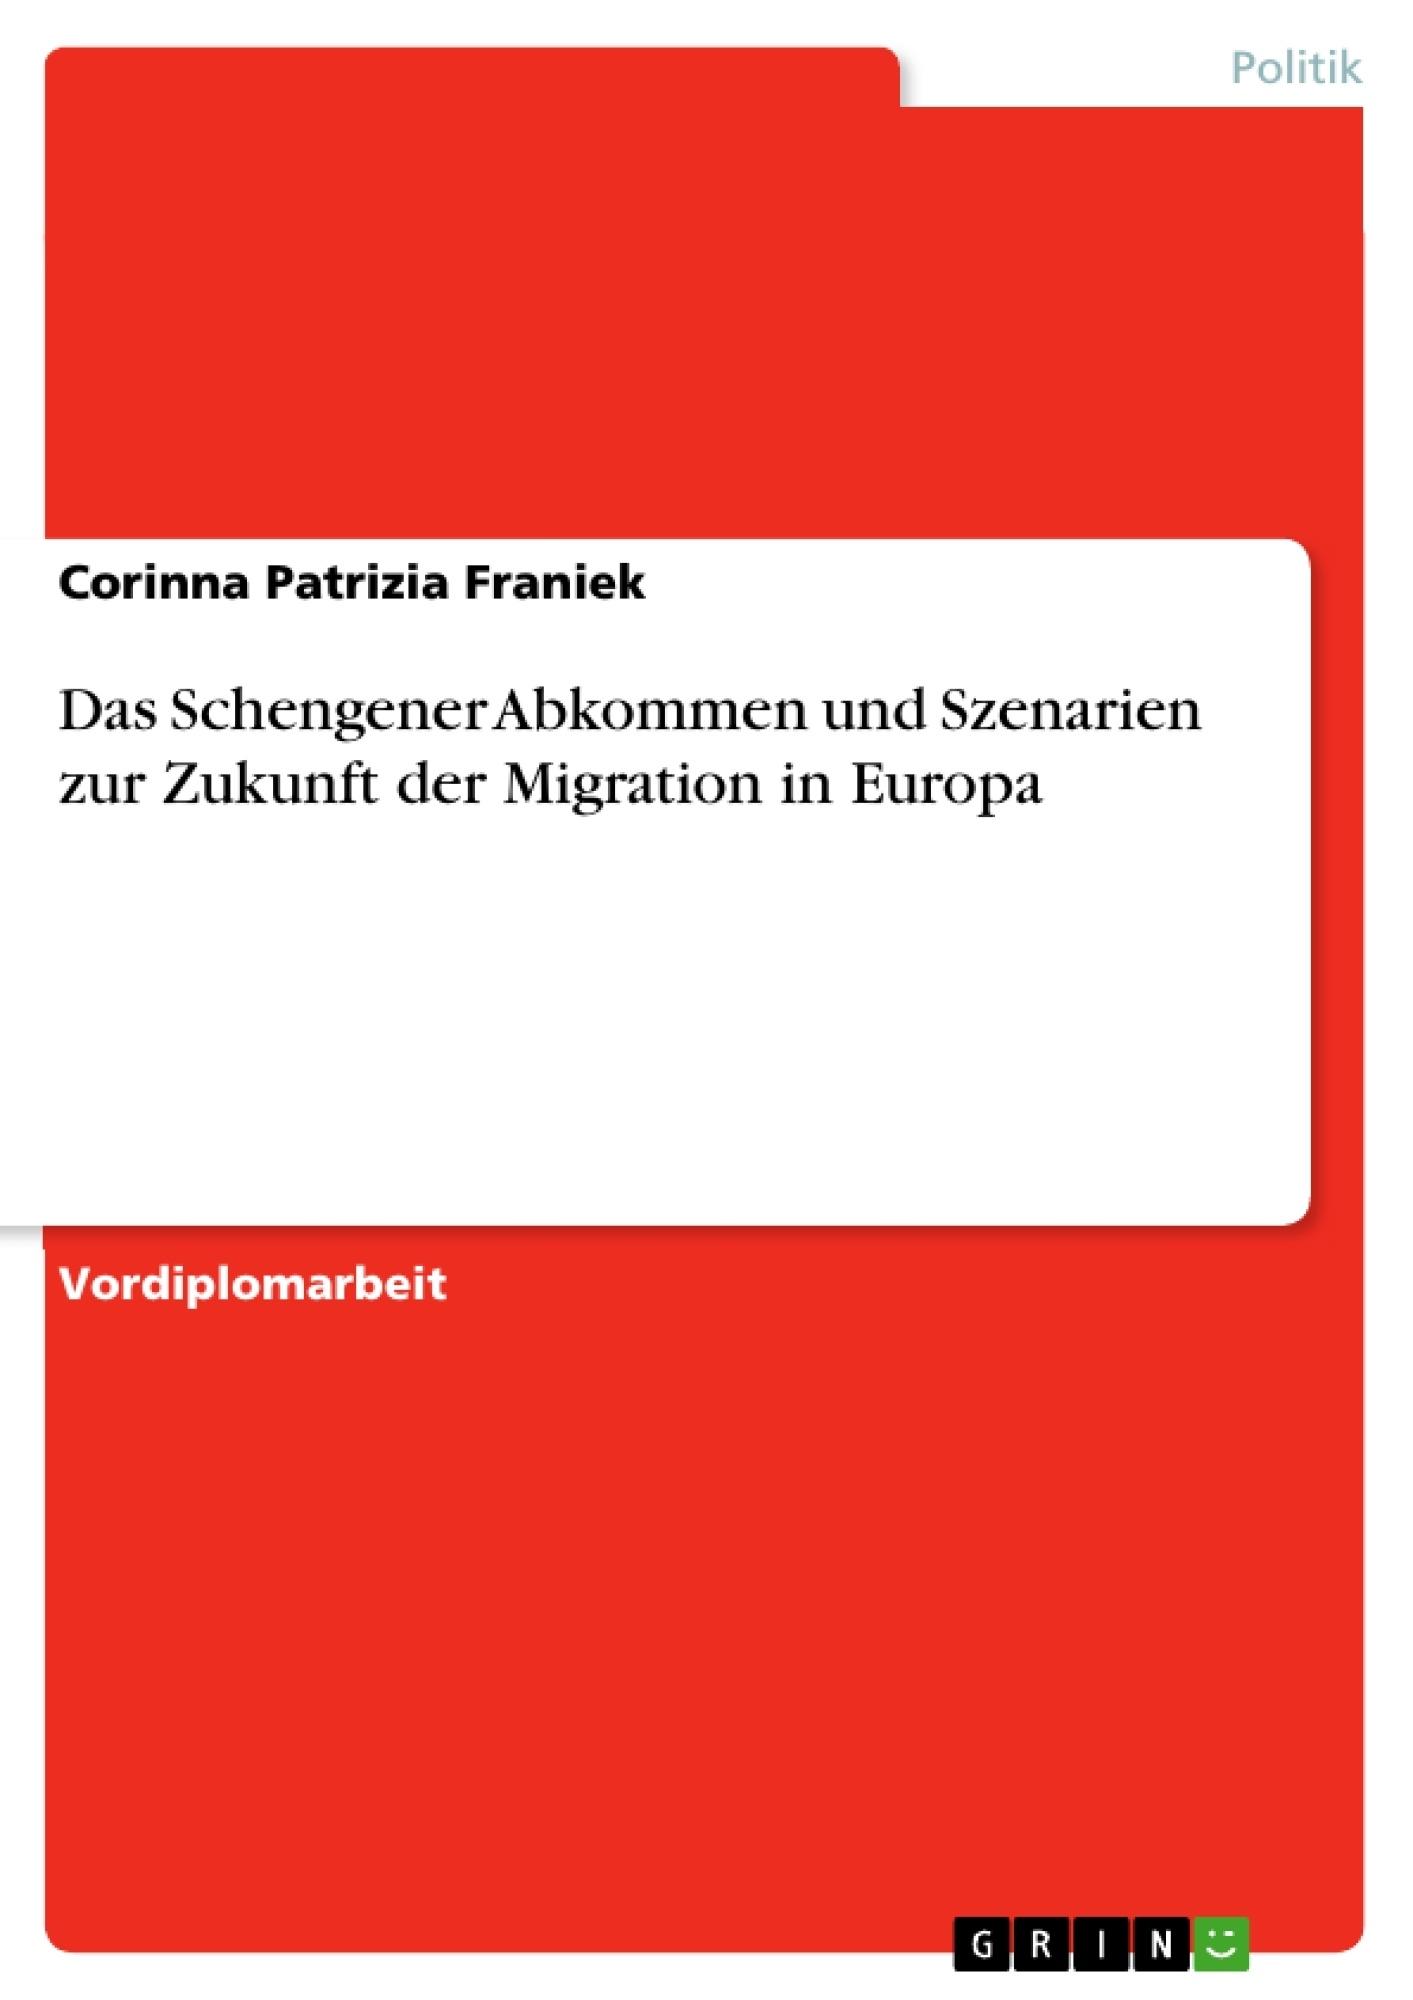 Titel: Das Schengener Abkommen und Szenarien zur Zukunft der Migration in Europa